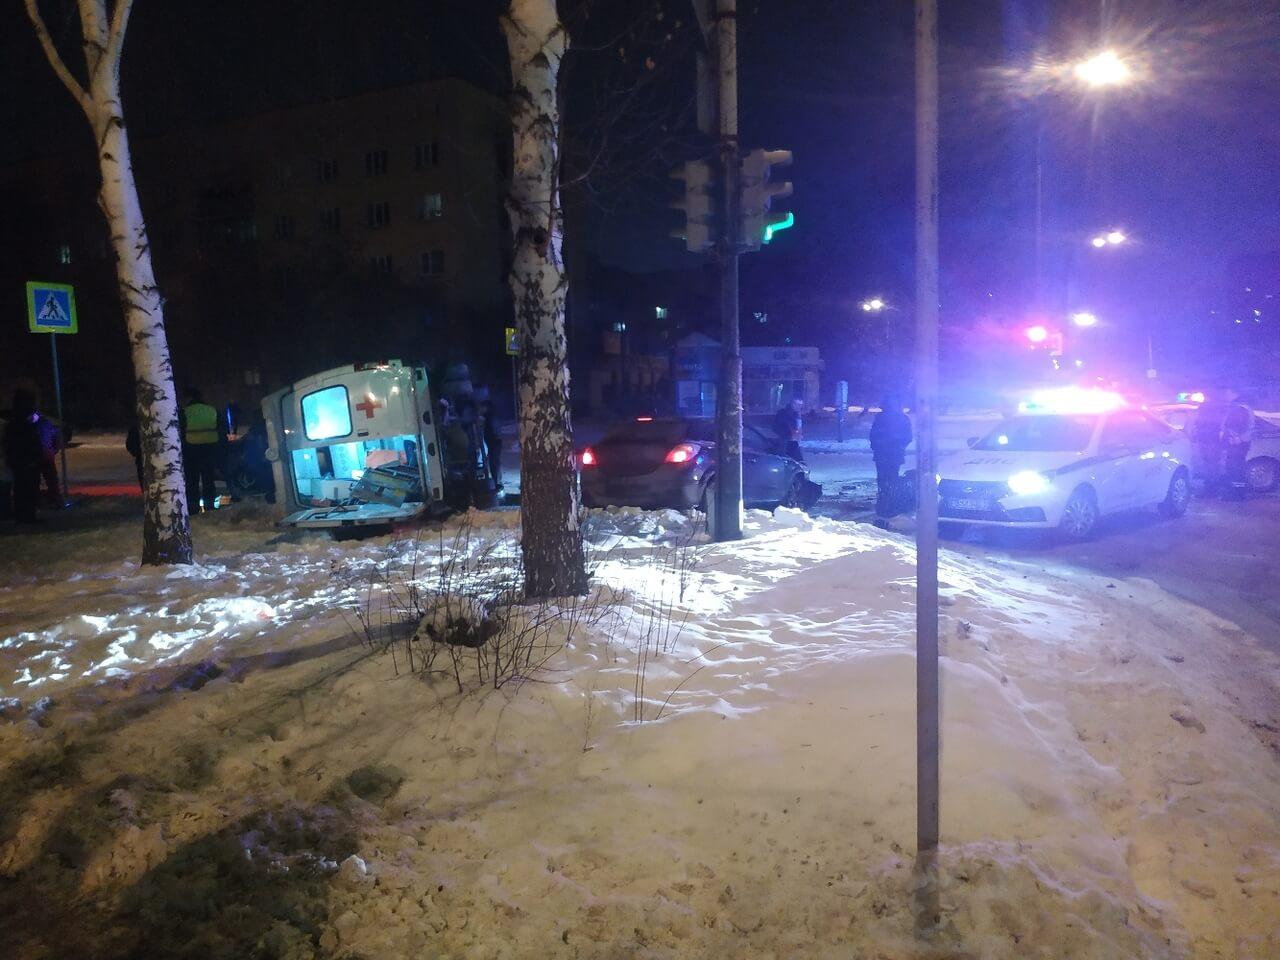 В Екатеринбурге на улице Надеждинской, 12а 5 января произошло ДТП с участием легкового автомобиля «Opel Astra» и скорой помощи. Об этом сообщили очевидцы в паблике «Типичный Екатеринбург» в соцсети Вконтакте.